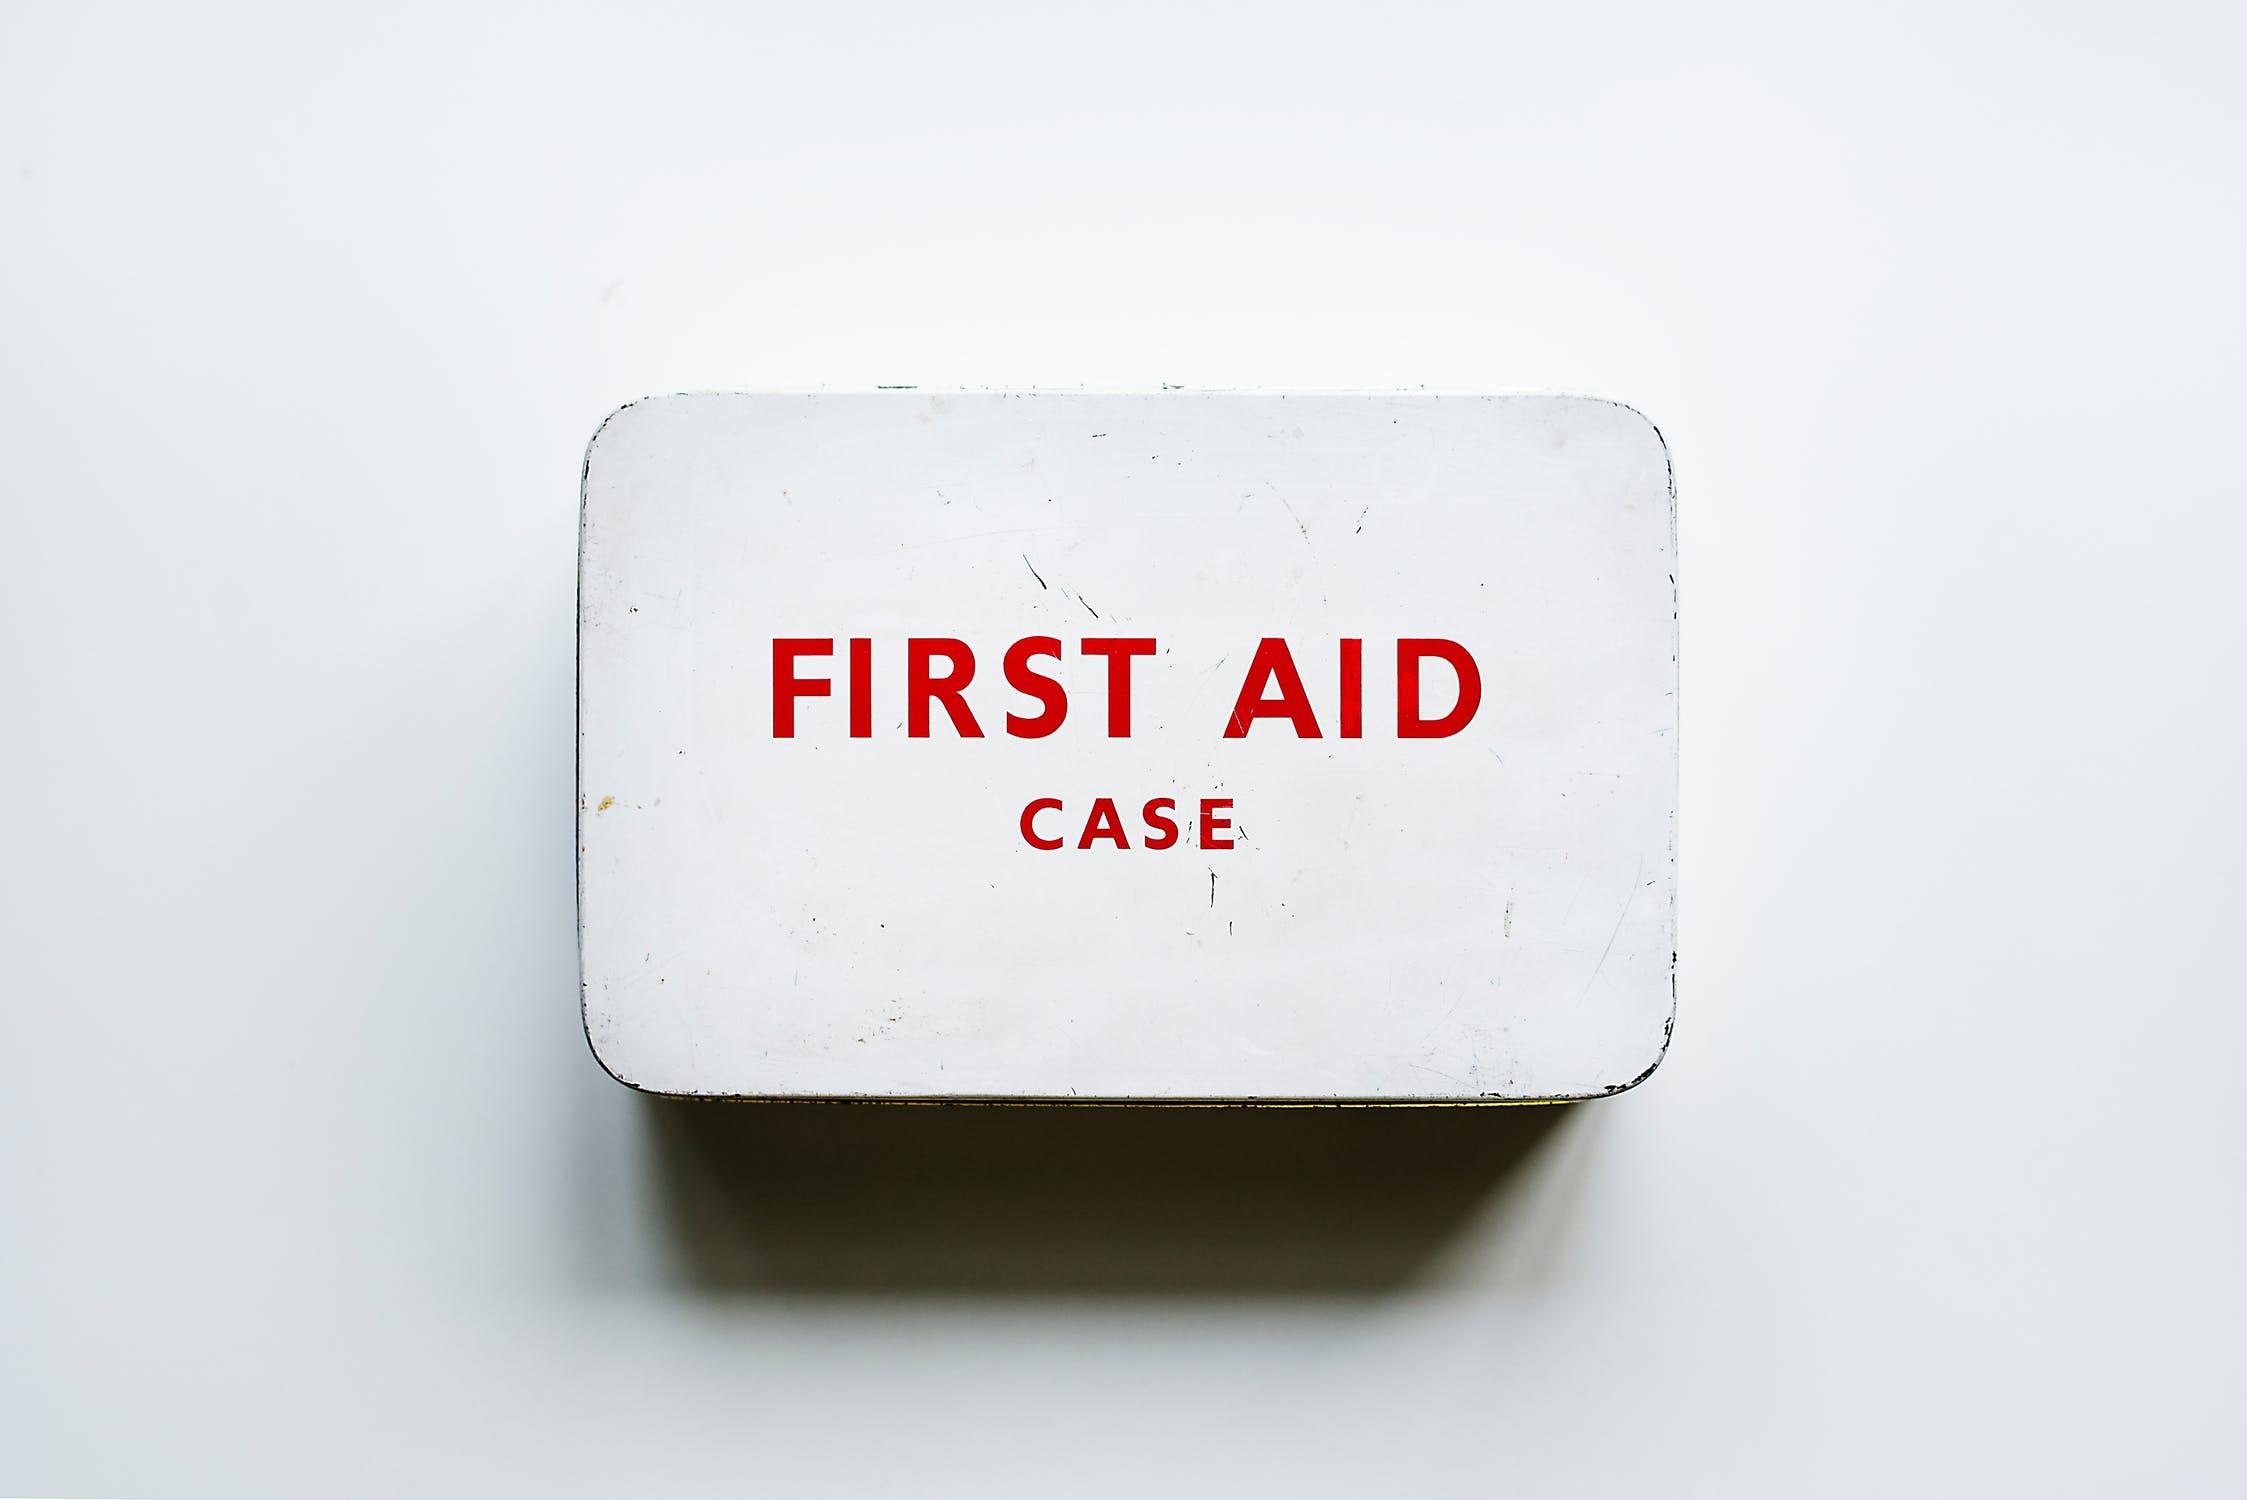 førstehjælpskursus vejle